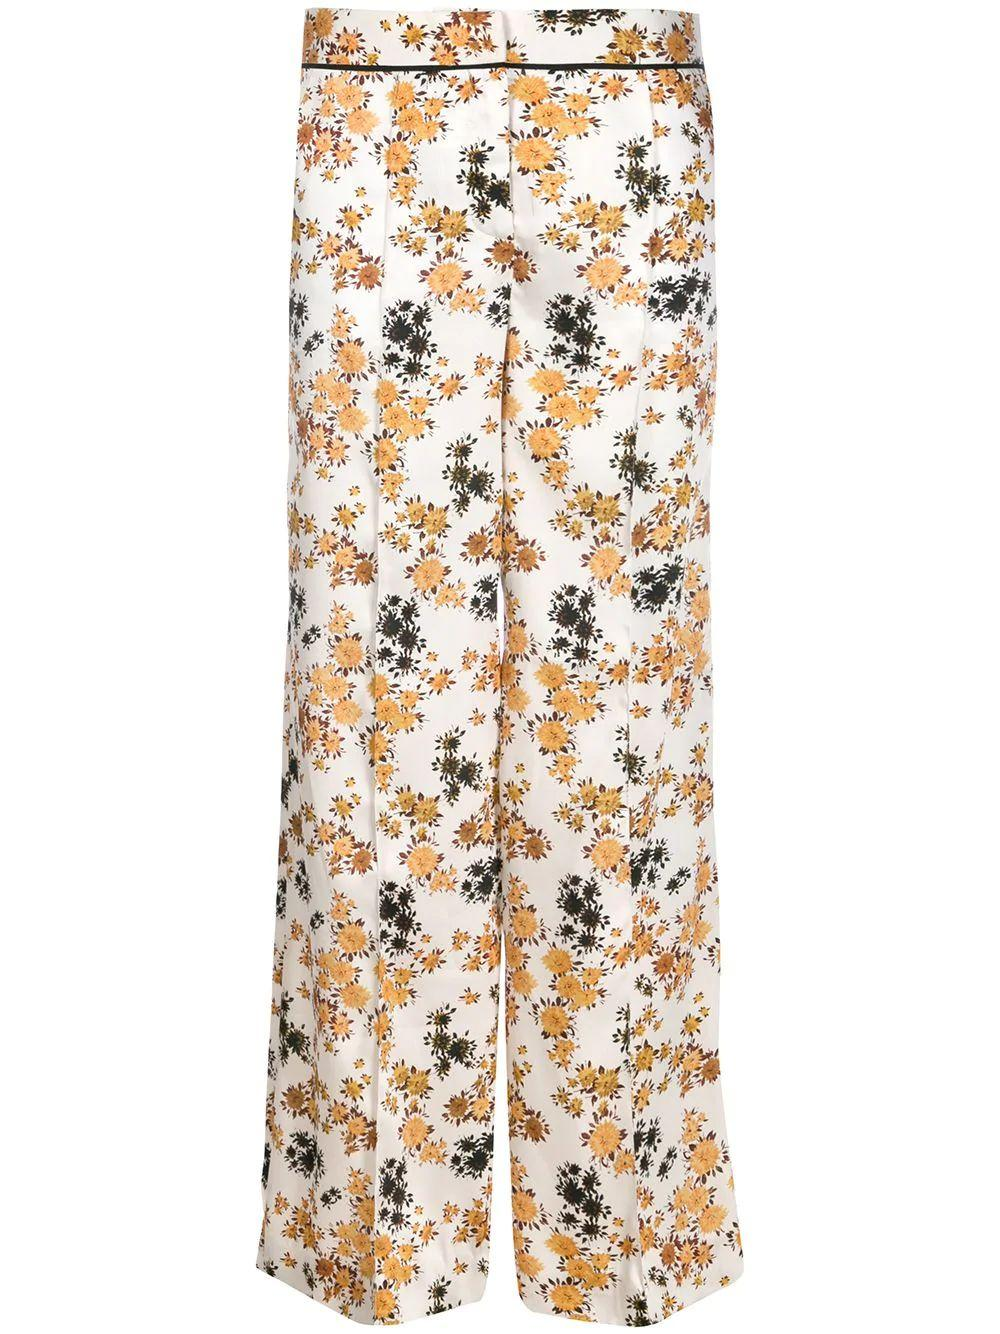 Printed Pyjama Trouser Item # 2220WTR001135A